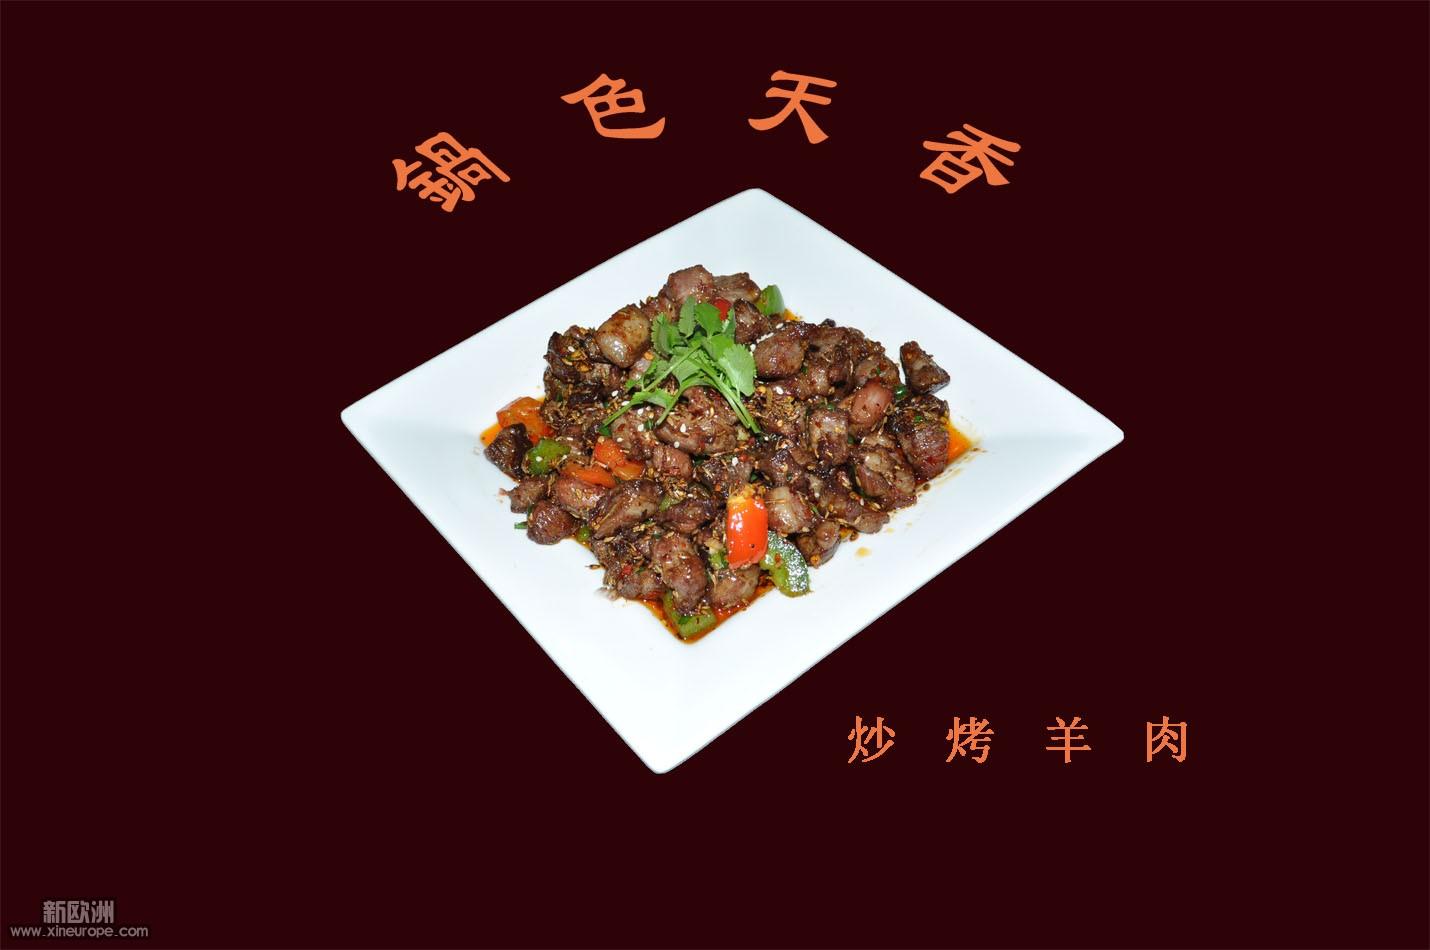 炒烤羊肉.jpg